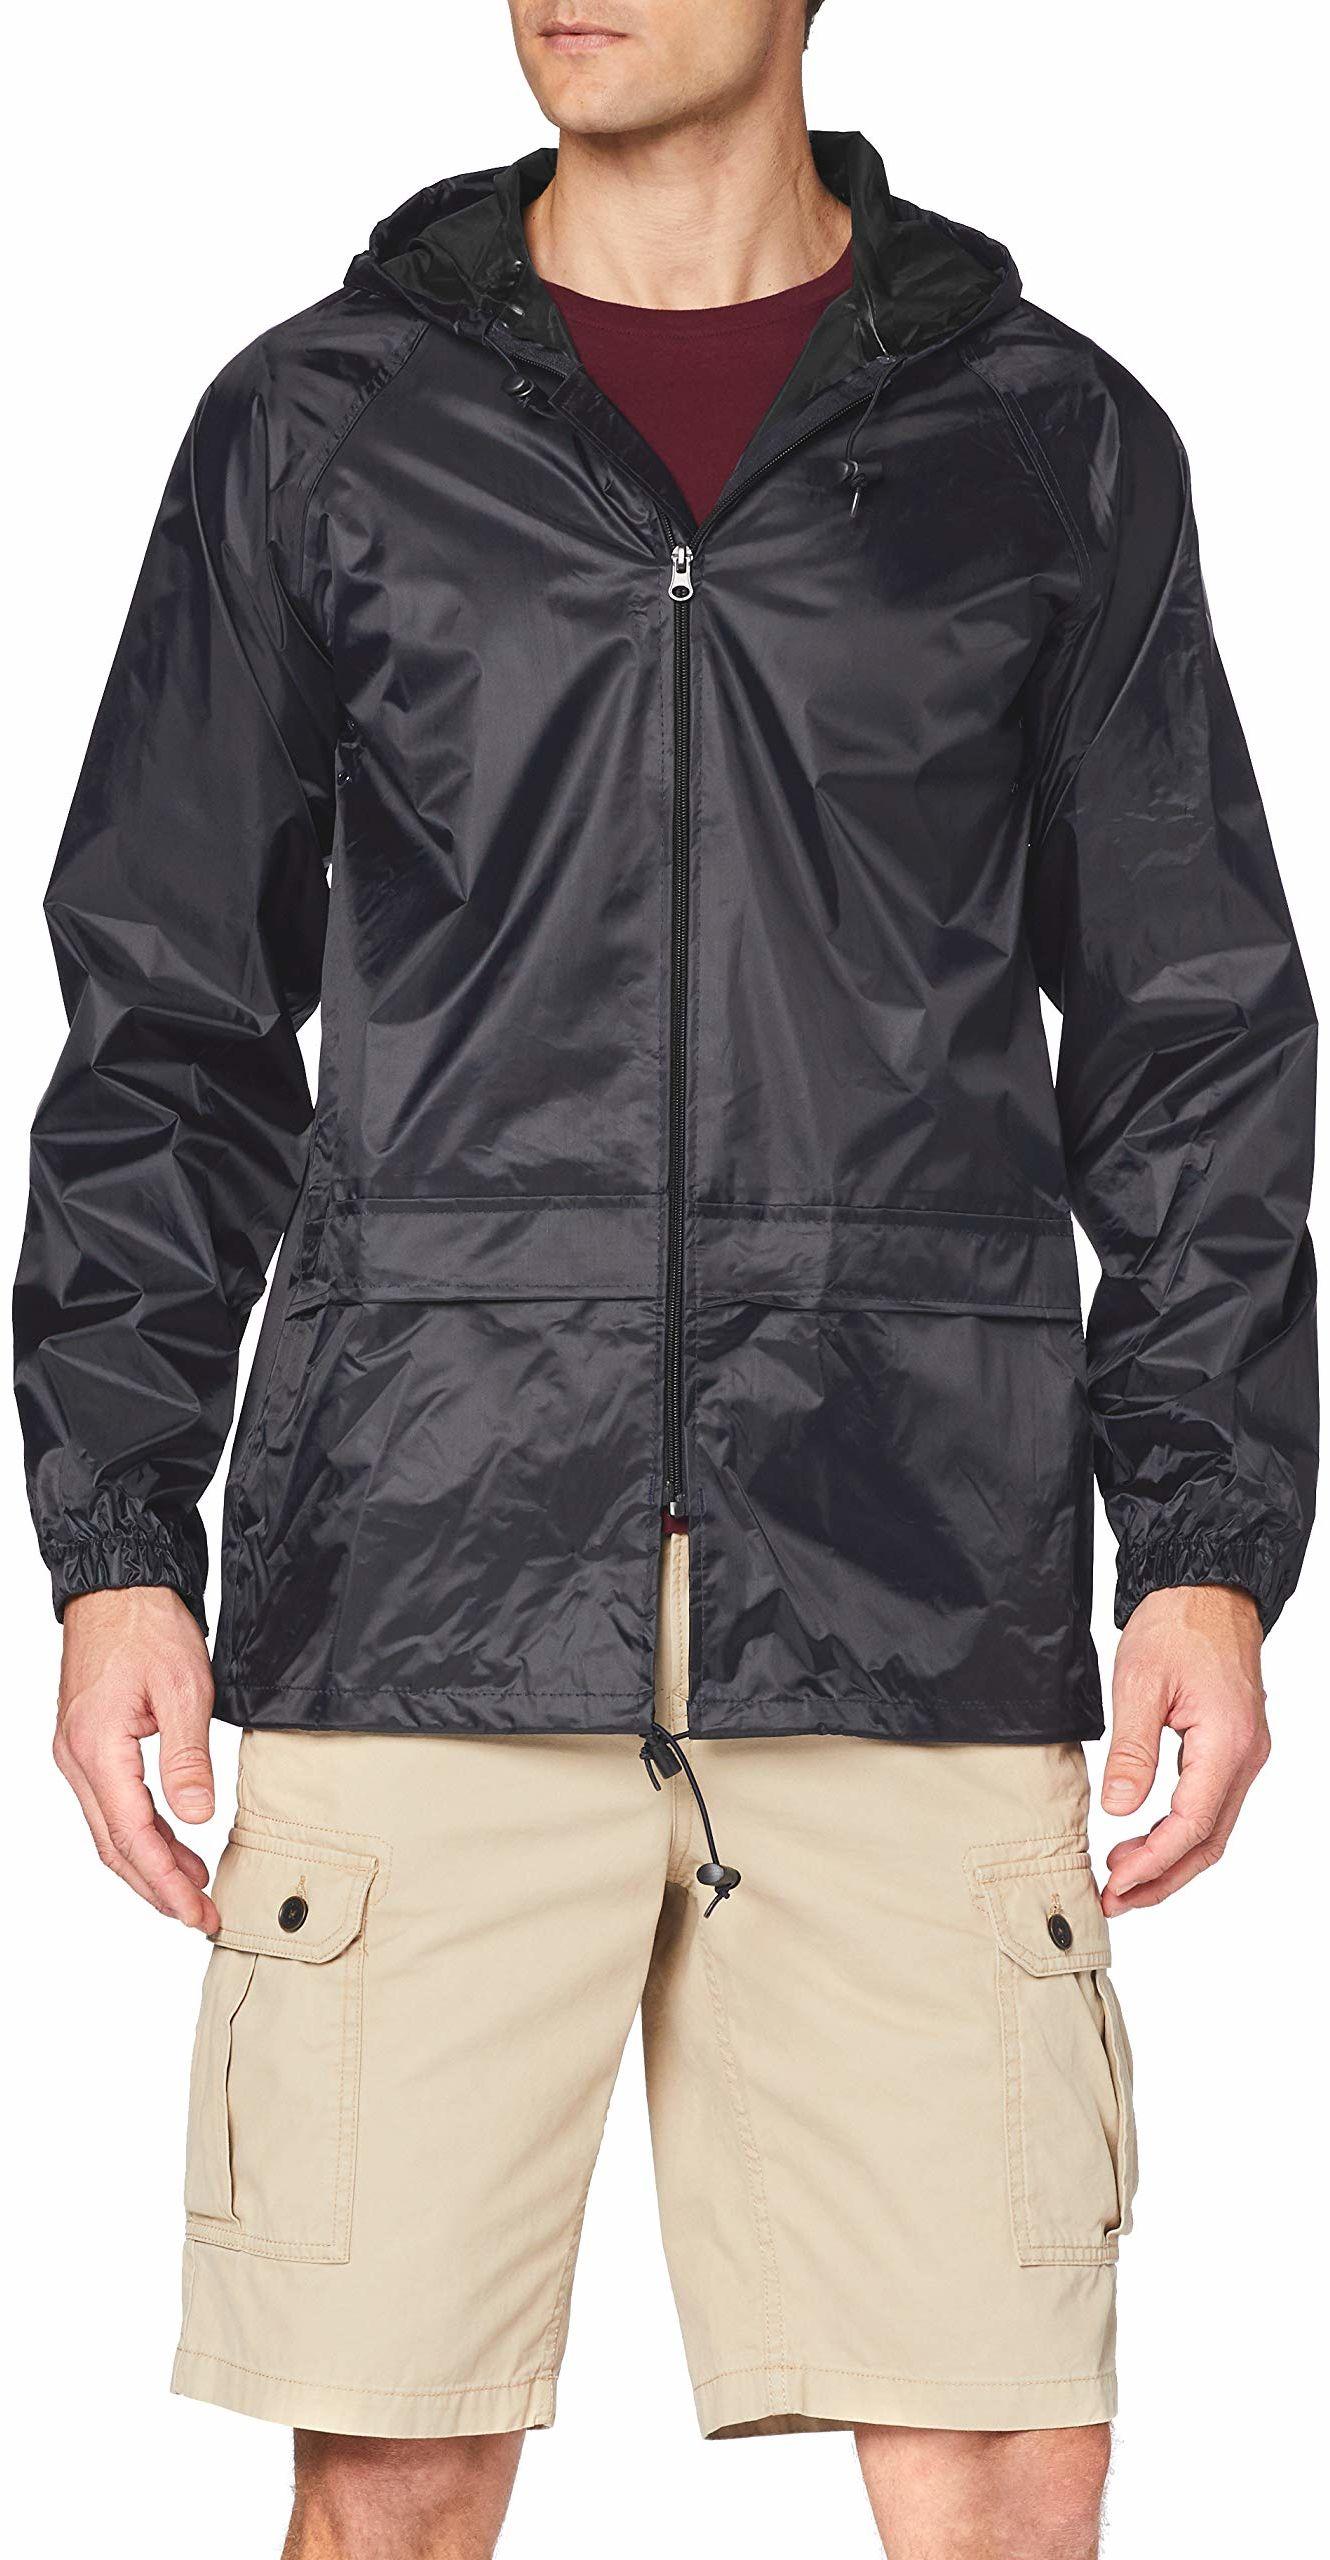 Regatta Męska Trw408 80060 jednokolorowa kurtka dżinsowa z kapturem długi rękaw czarna rozmiar M